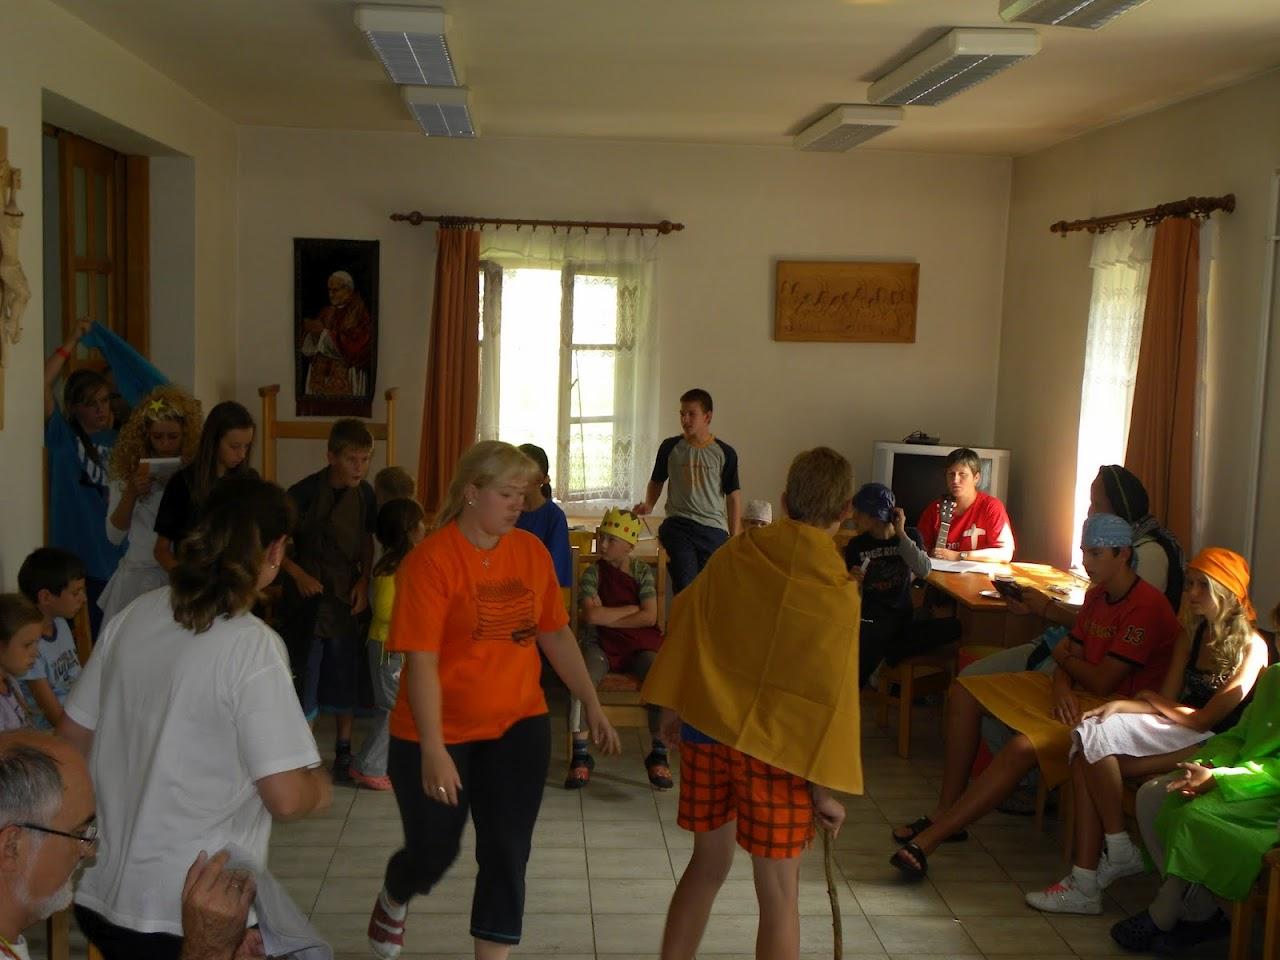 Tábor - Veľké Karlovice - fotka 399.JPG